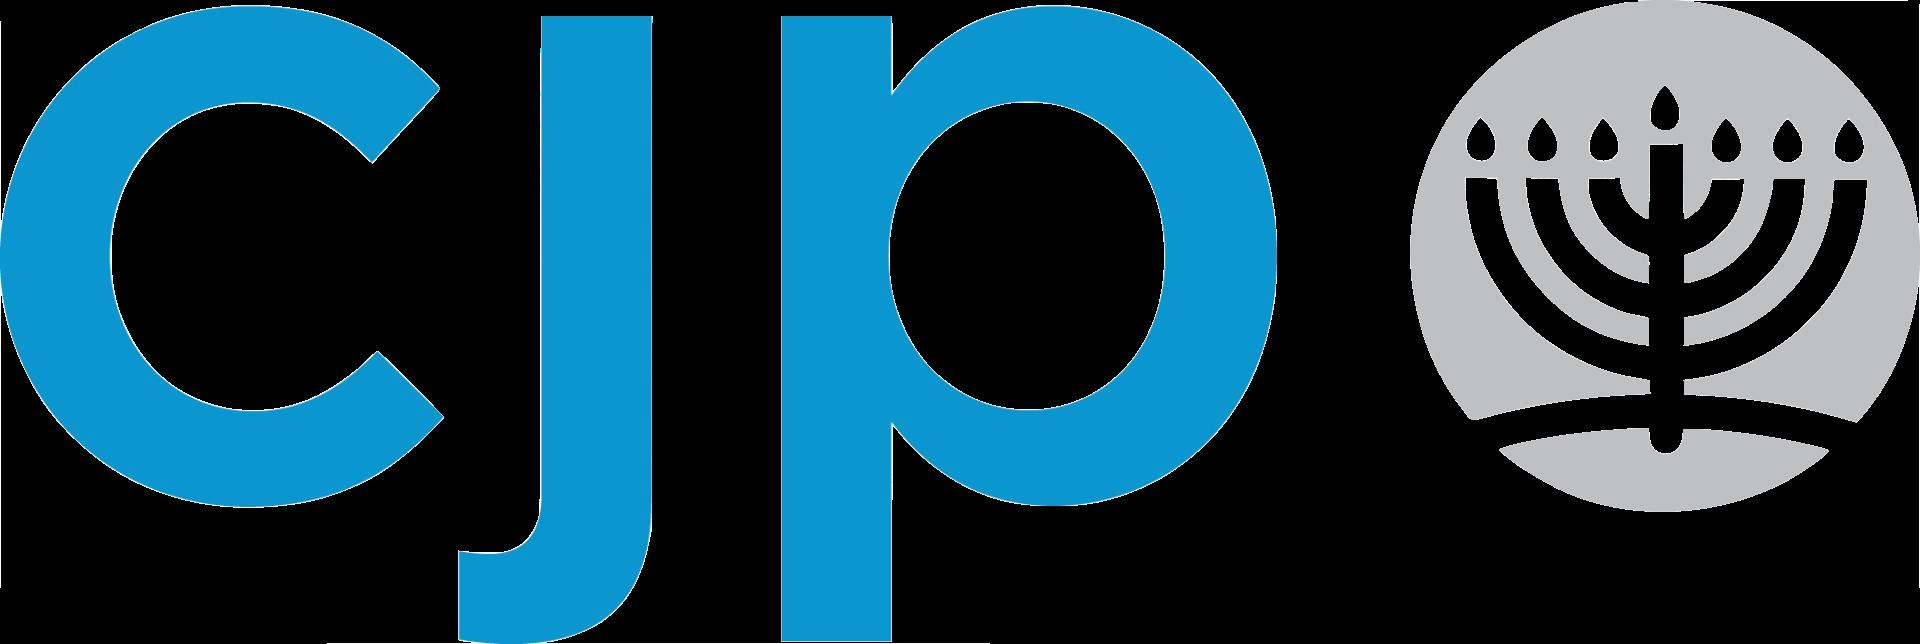 cjp_logo_pms (3).png